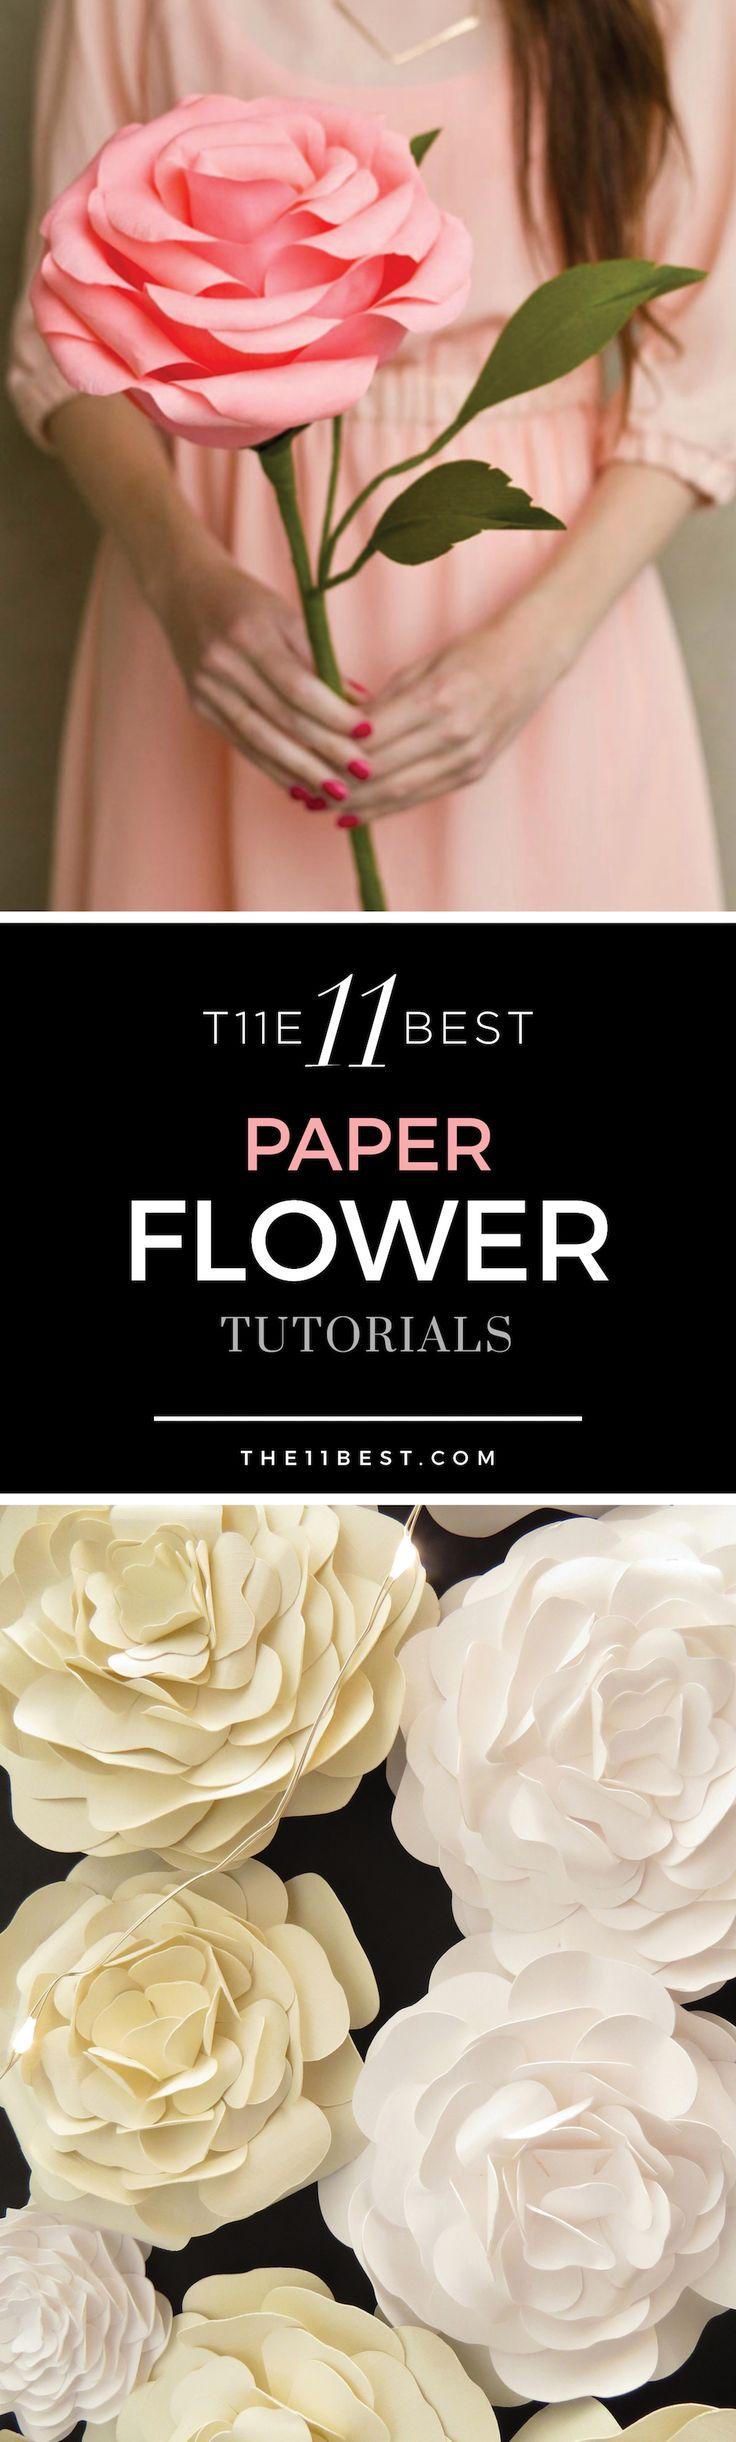 The 11 Best Paper Flower Making Tutorials